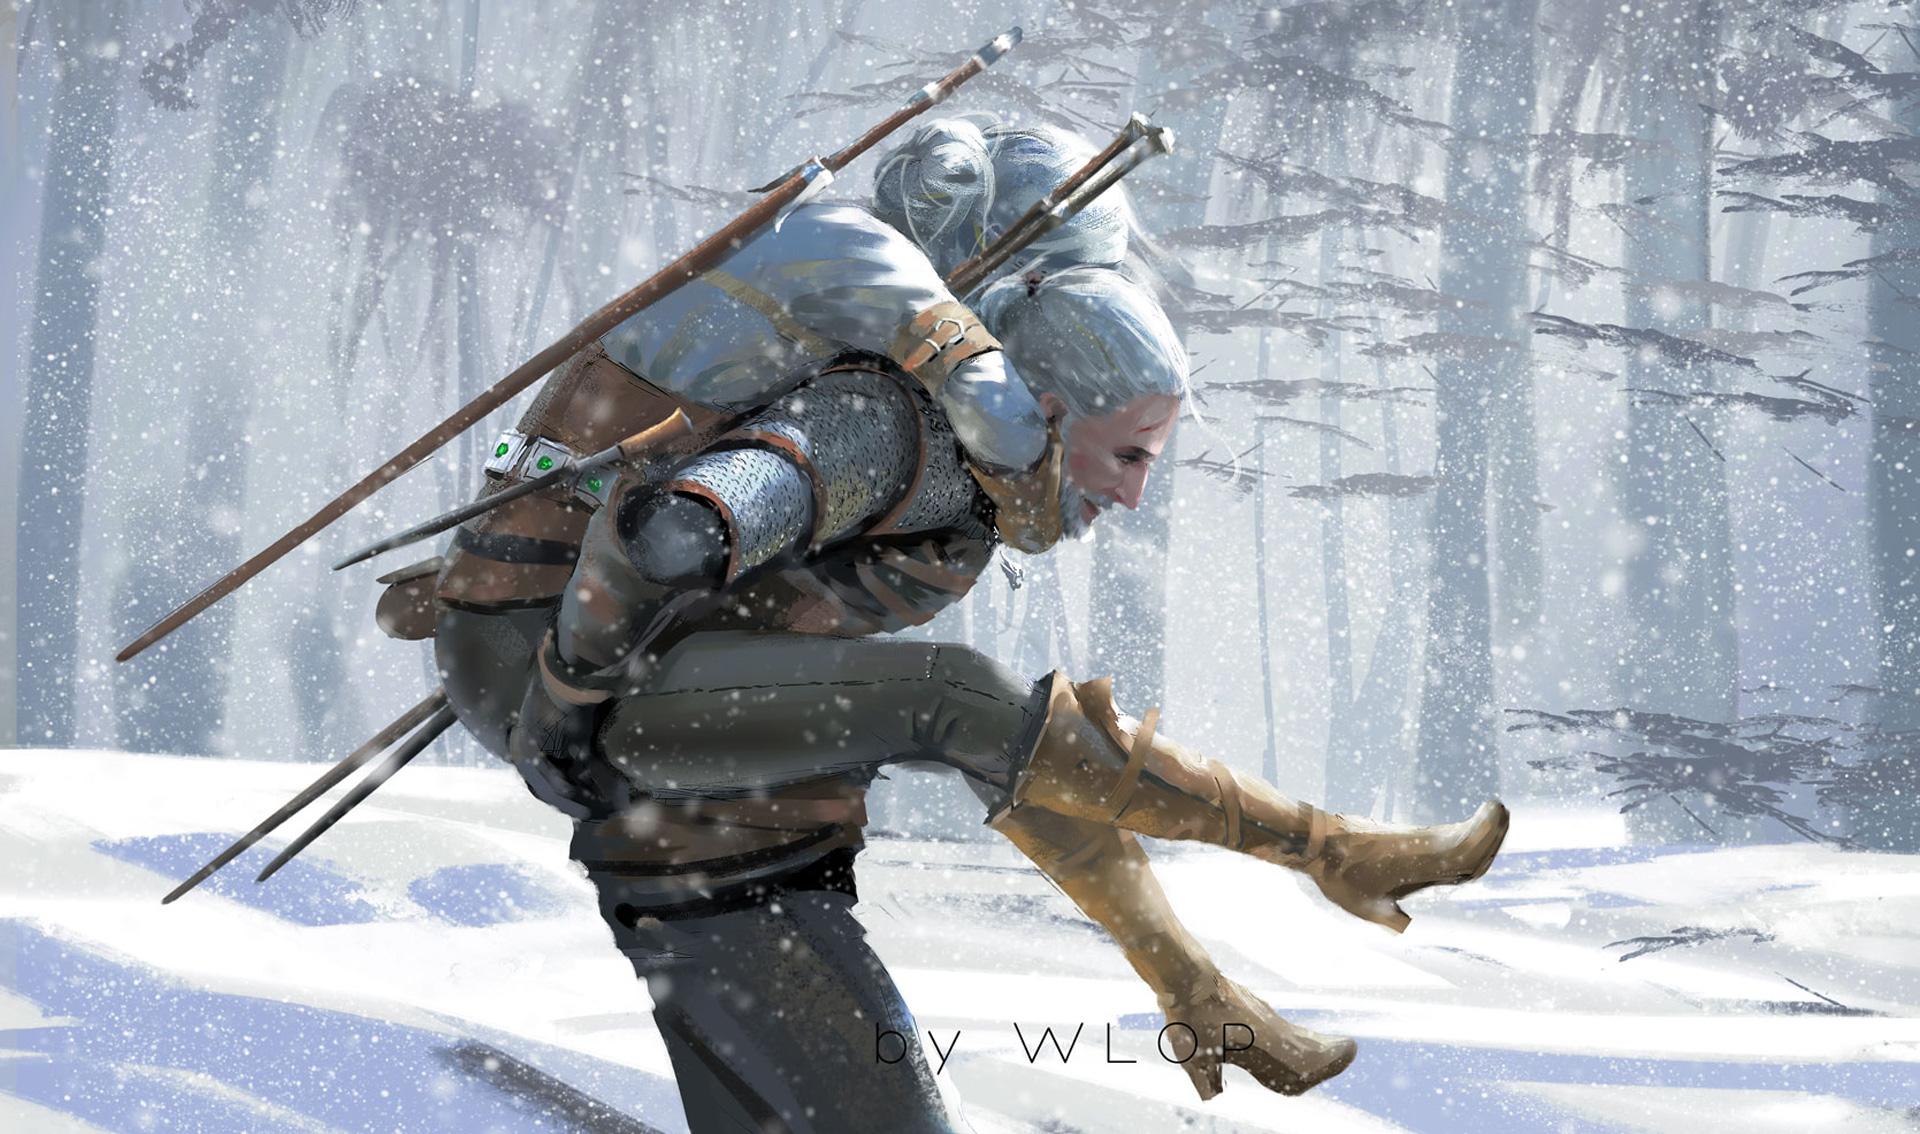 The Witcher 3 Wild Hunt Artwork By Wlop, HD Artist, 4k